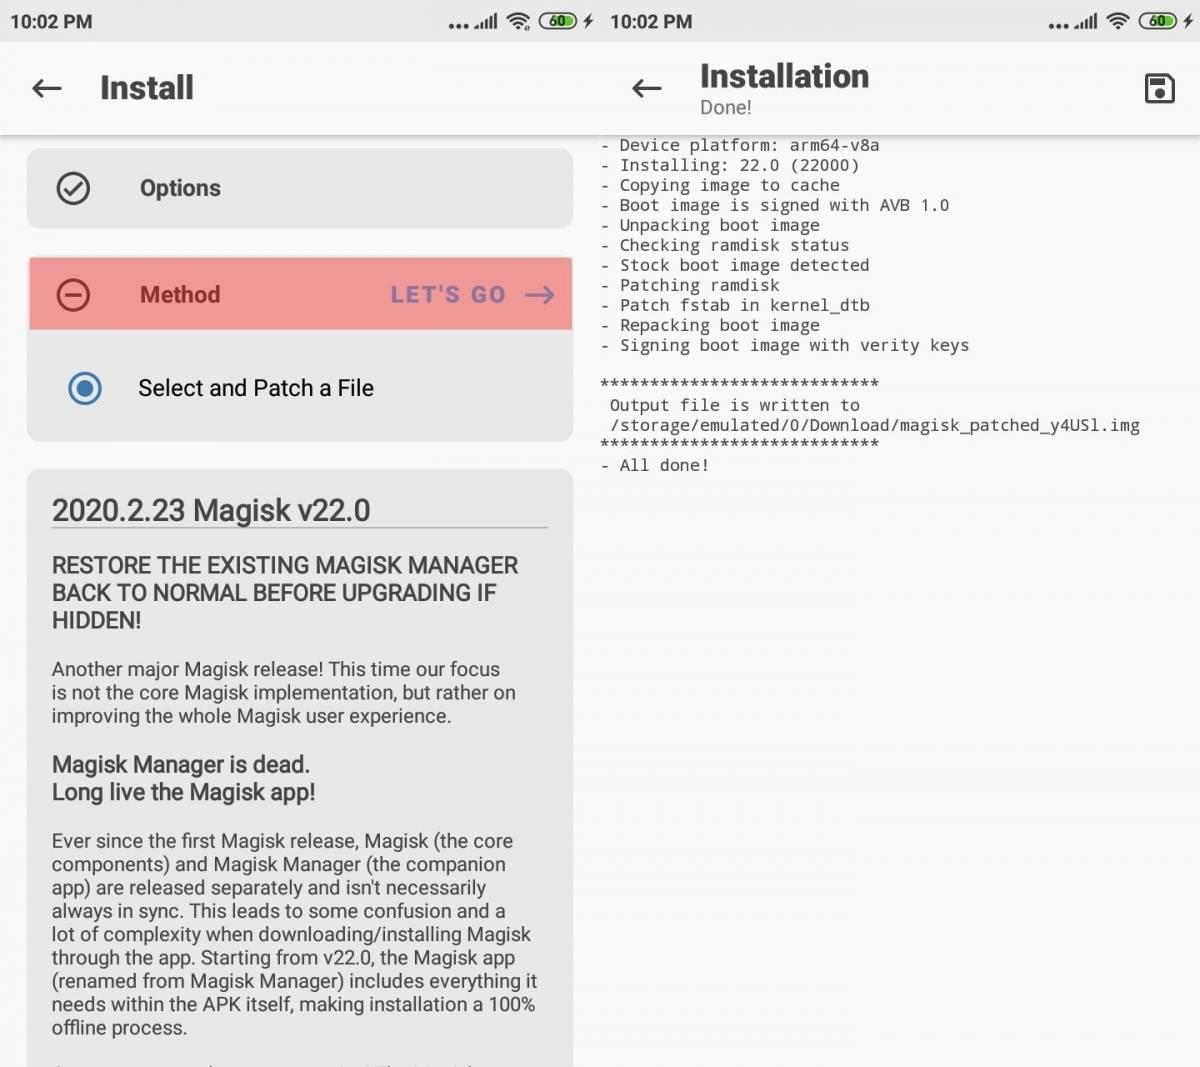 magisk-patched-boot-image-file-mediatek